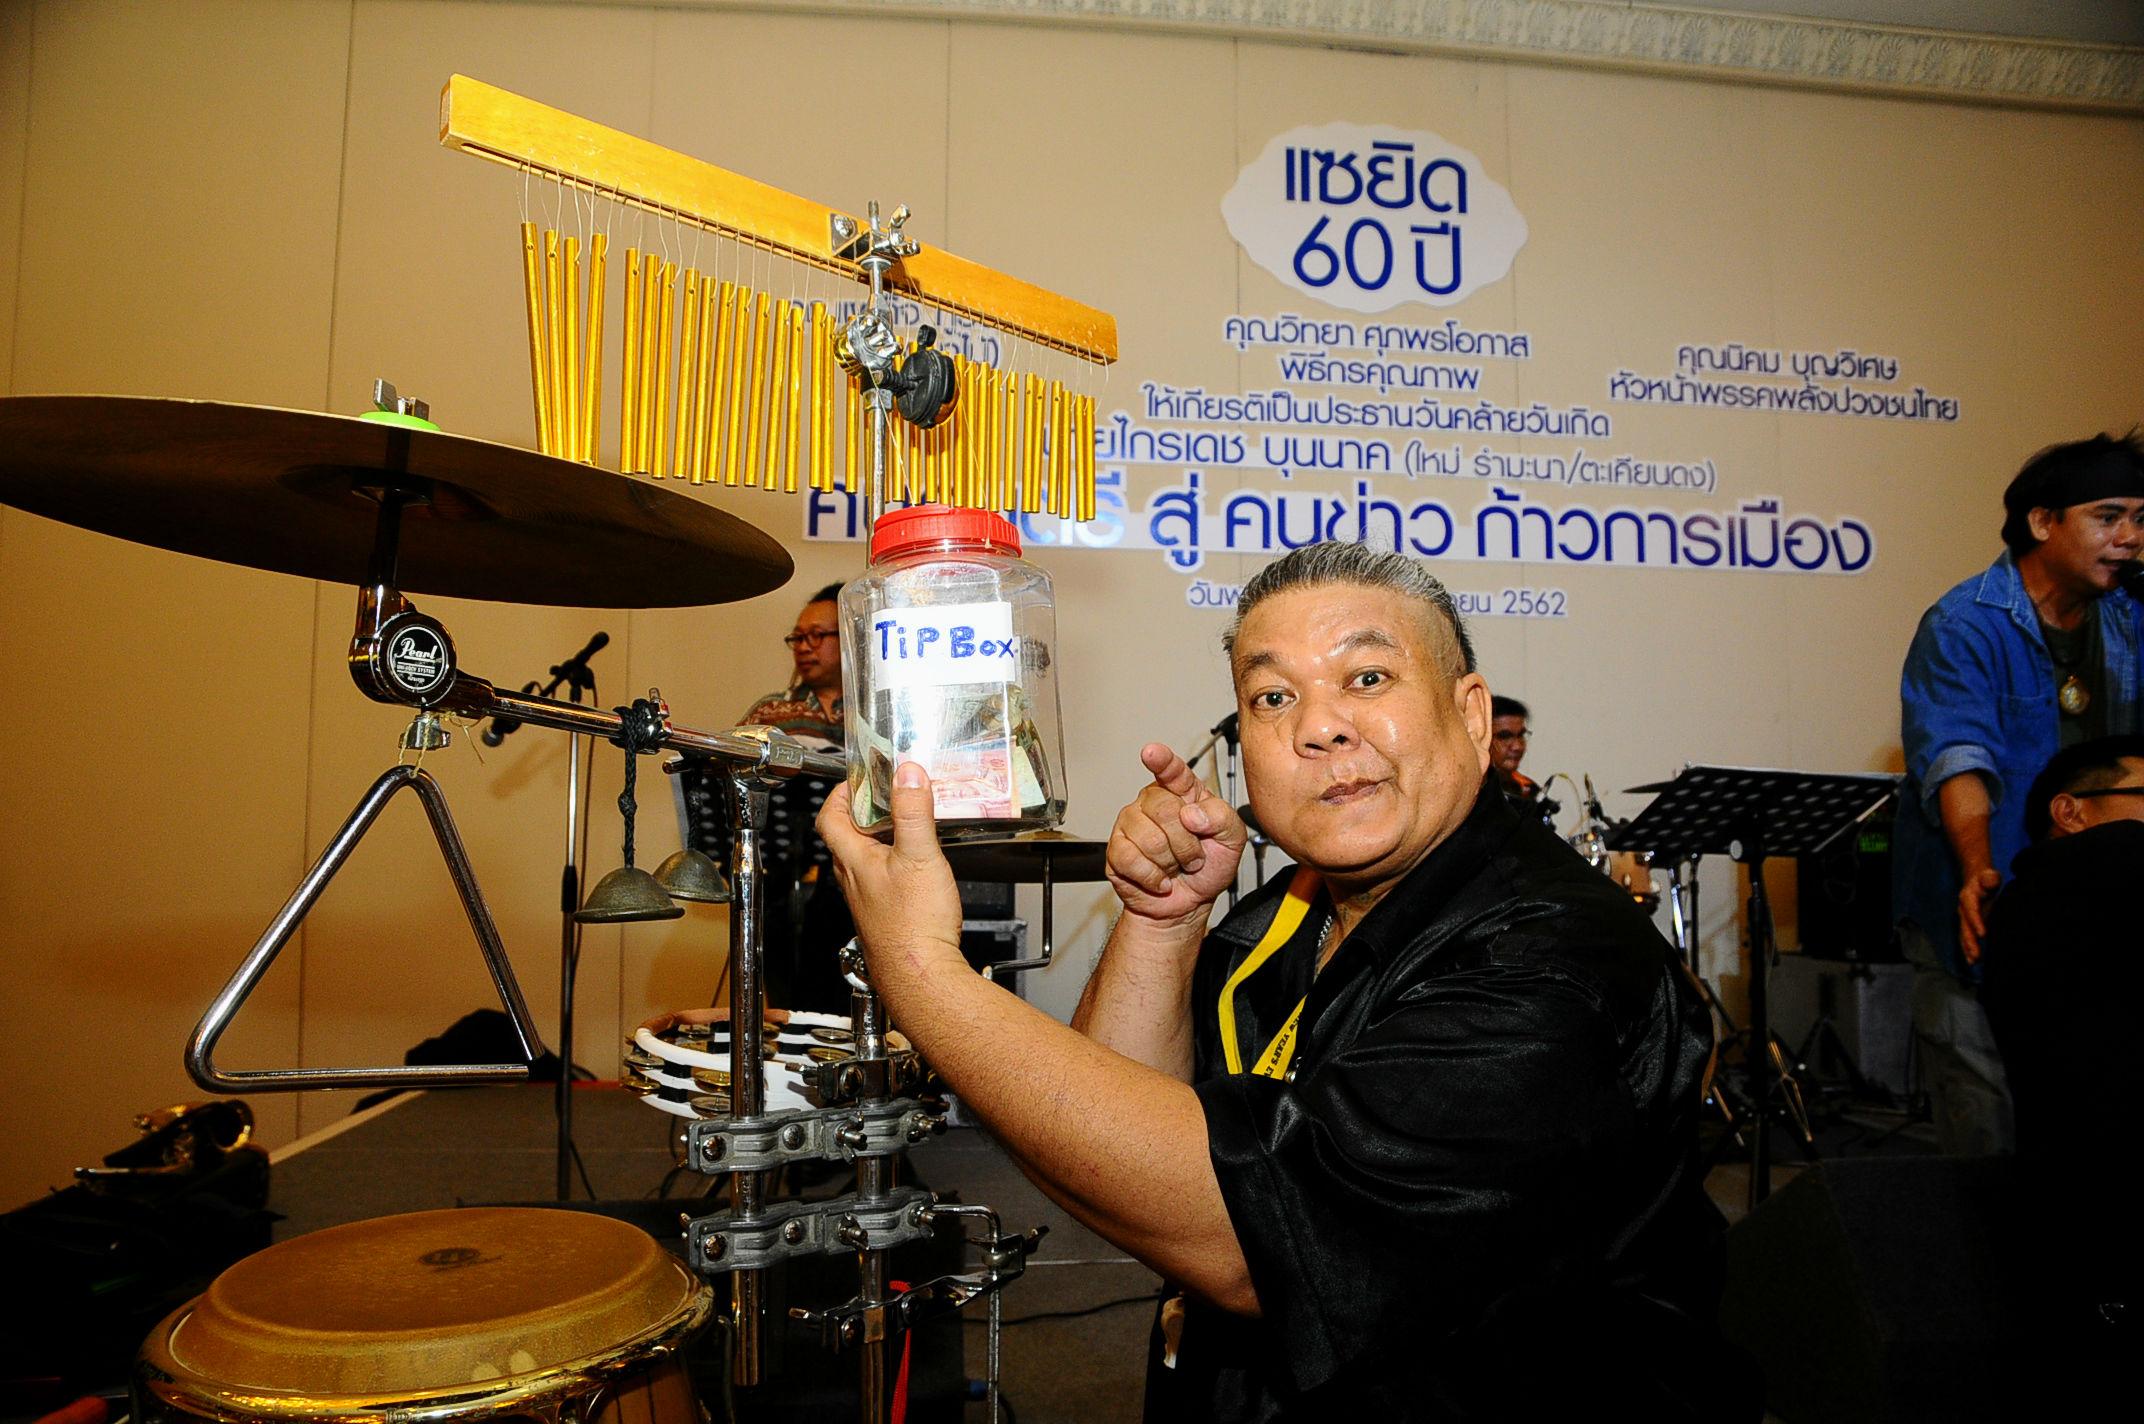 วง No Limit 69 สุดยอดโลกบันเทิงสไตส์ปริญญาทางดนตรี